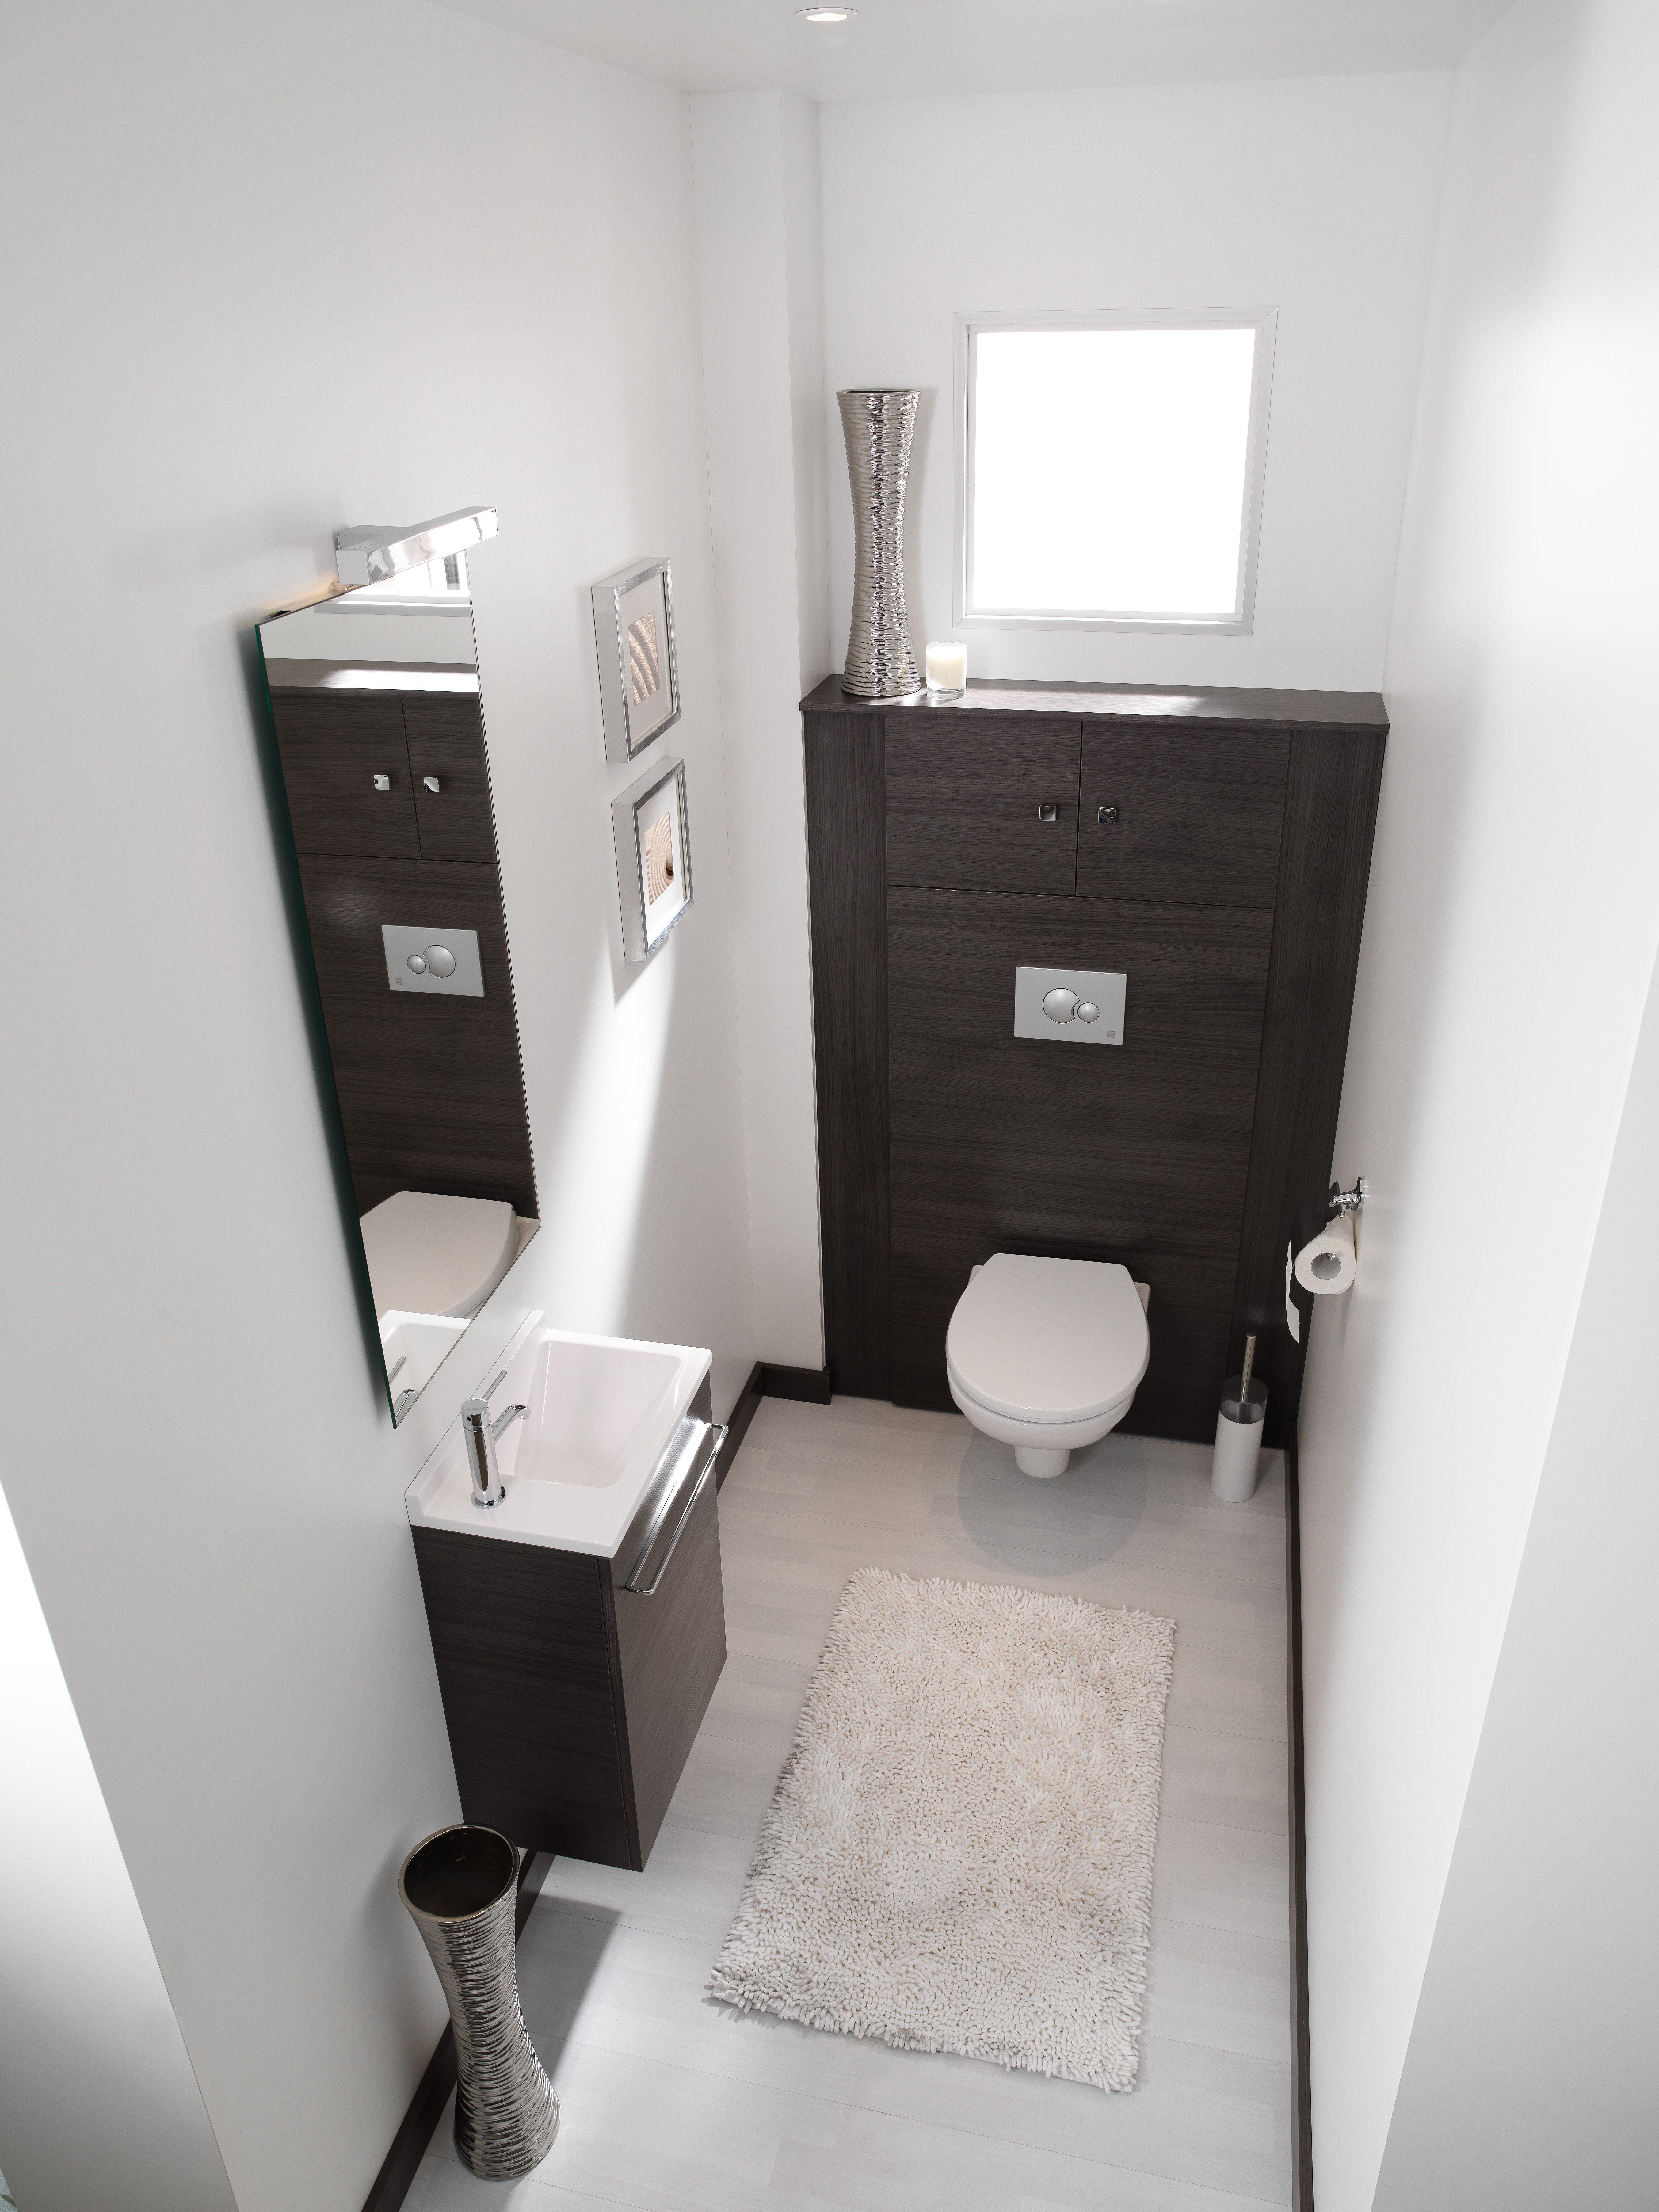 Espace Toilettes Ambiance Bain Meuble Pour Wc Suspendu Lave Mains